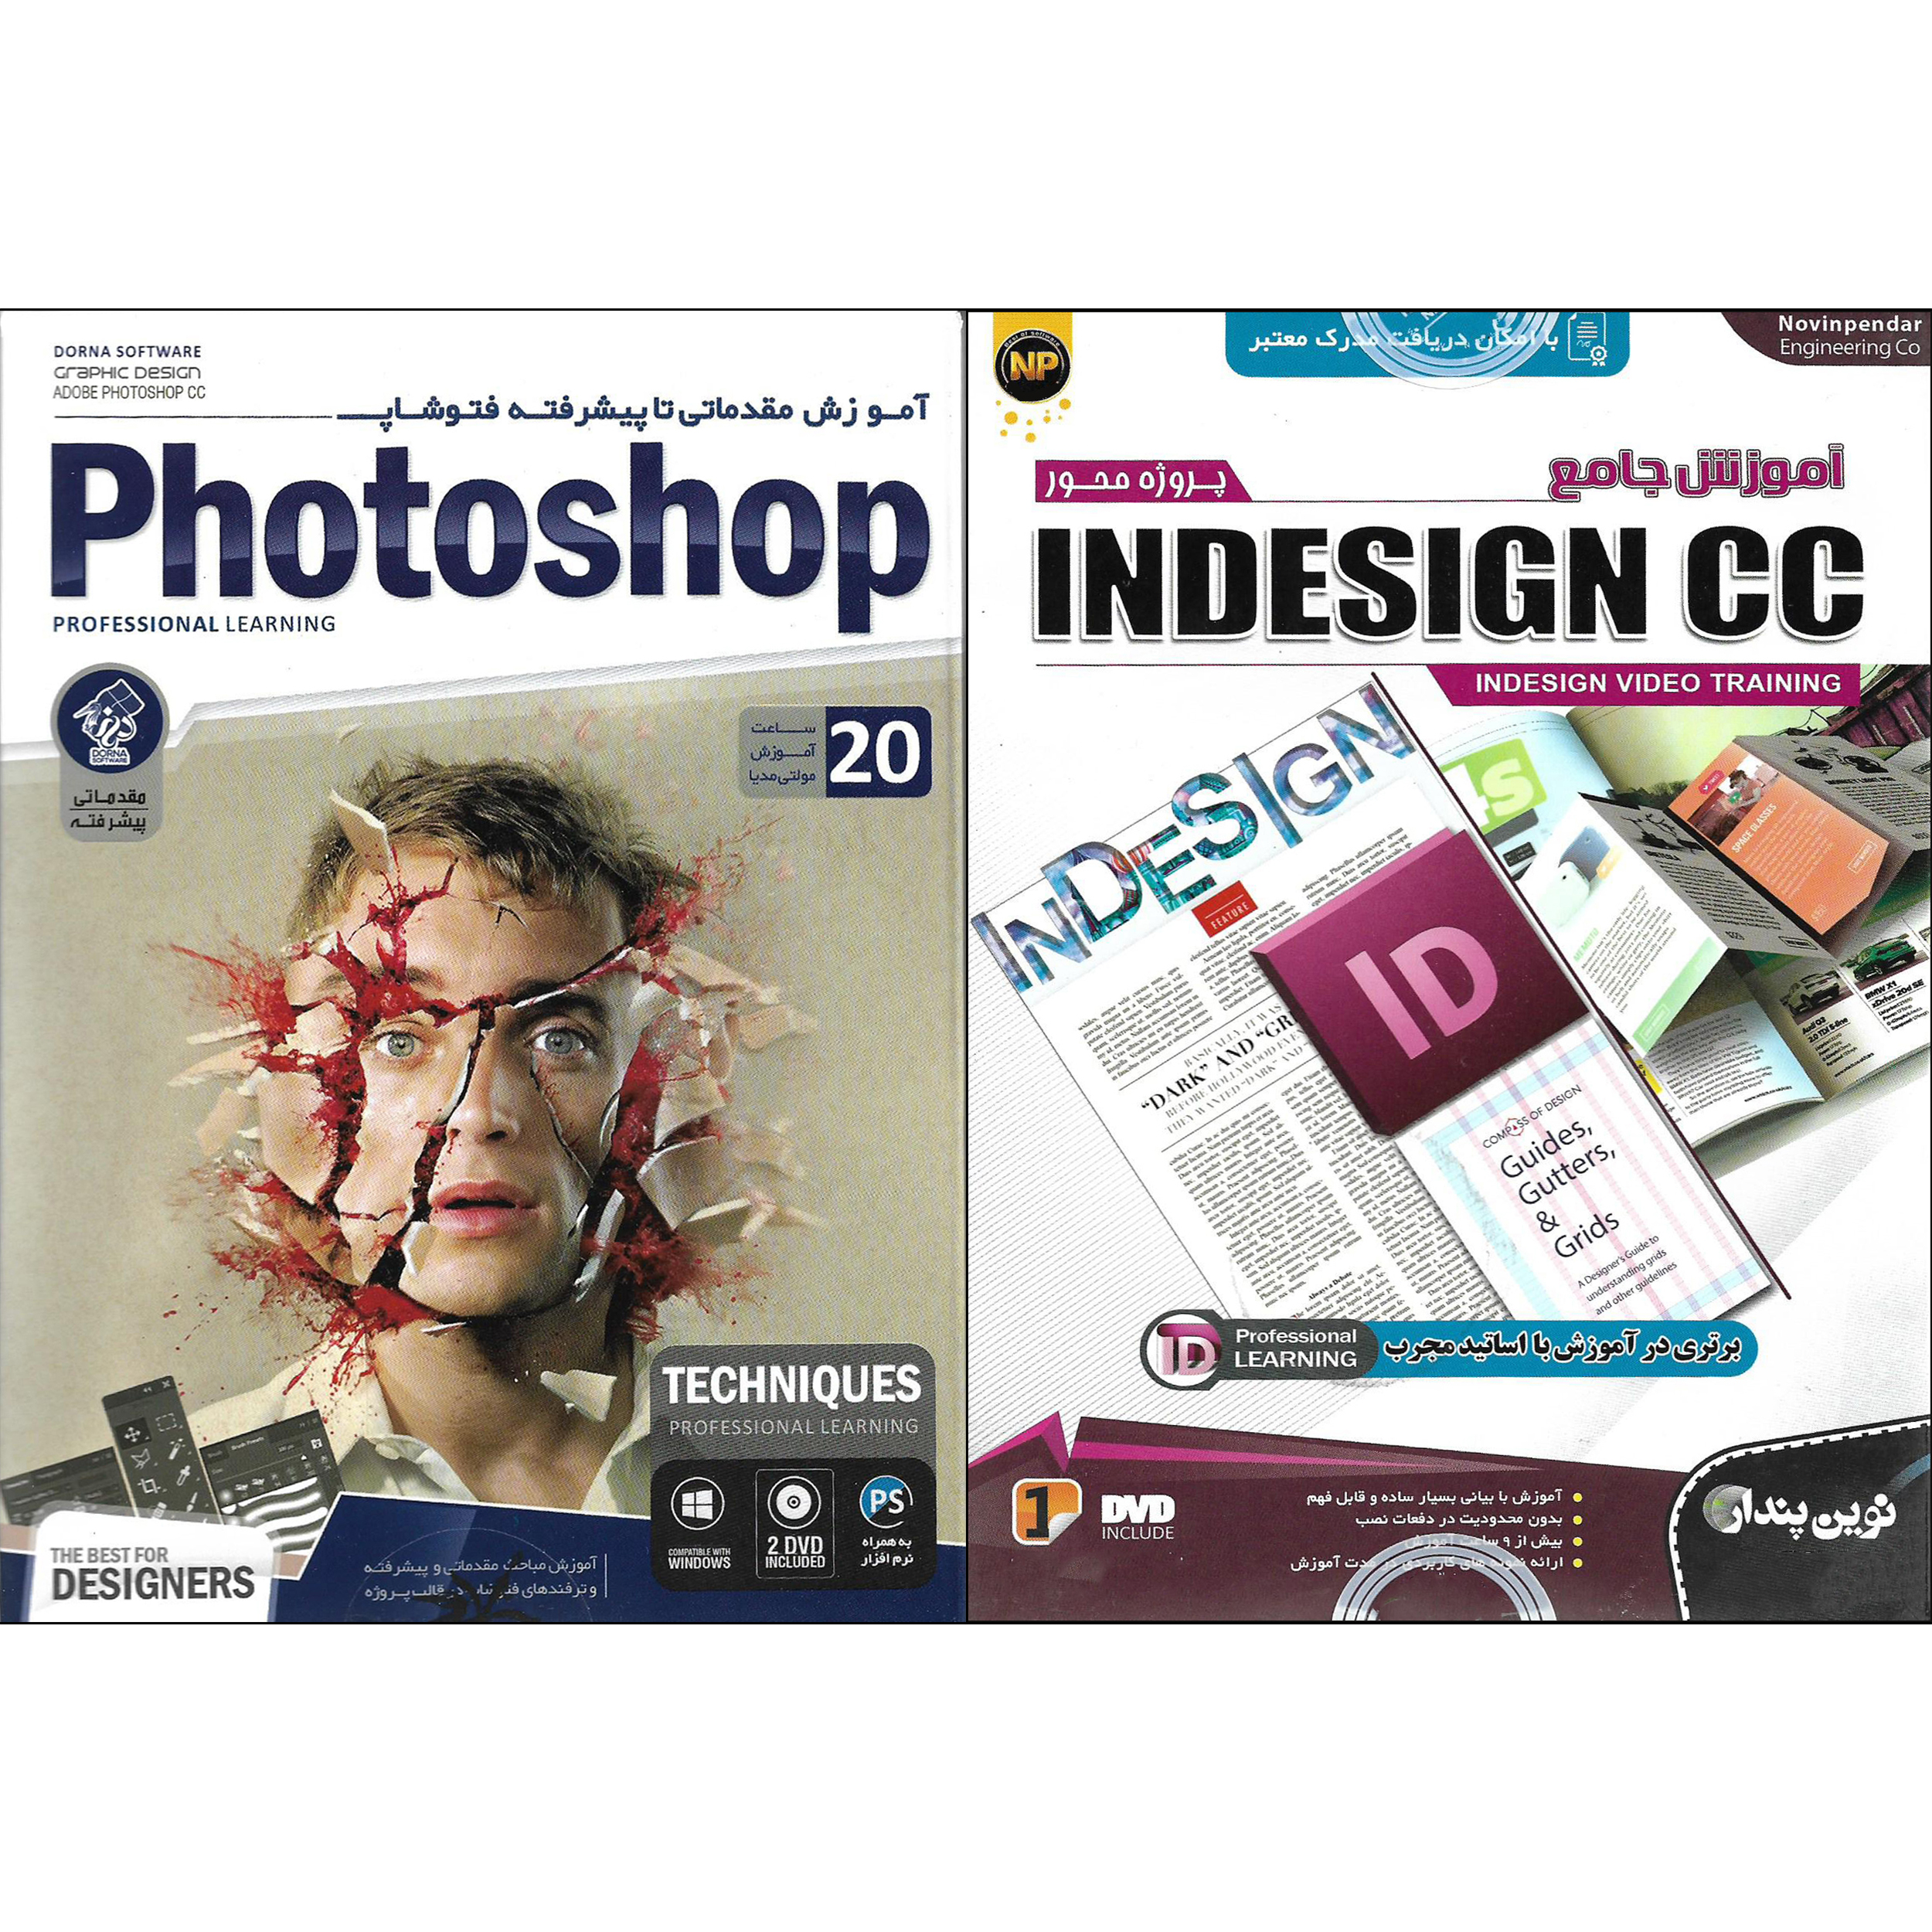 نرم افزار آموزش پروژه محور INDESIGN CC نشر نوین پندار به همراه نرم افزار آموزش PHOTOSHOP نشر درنا